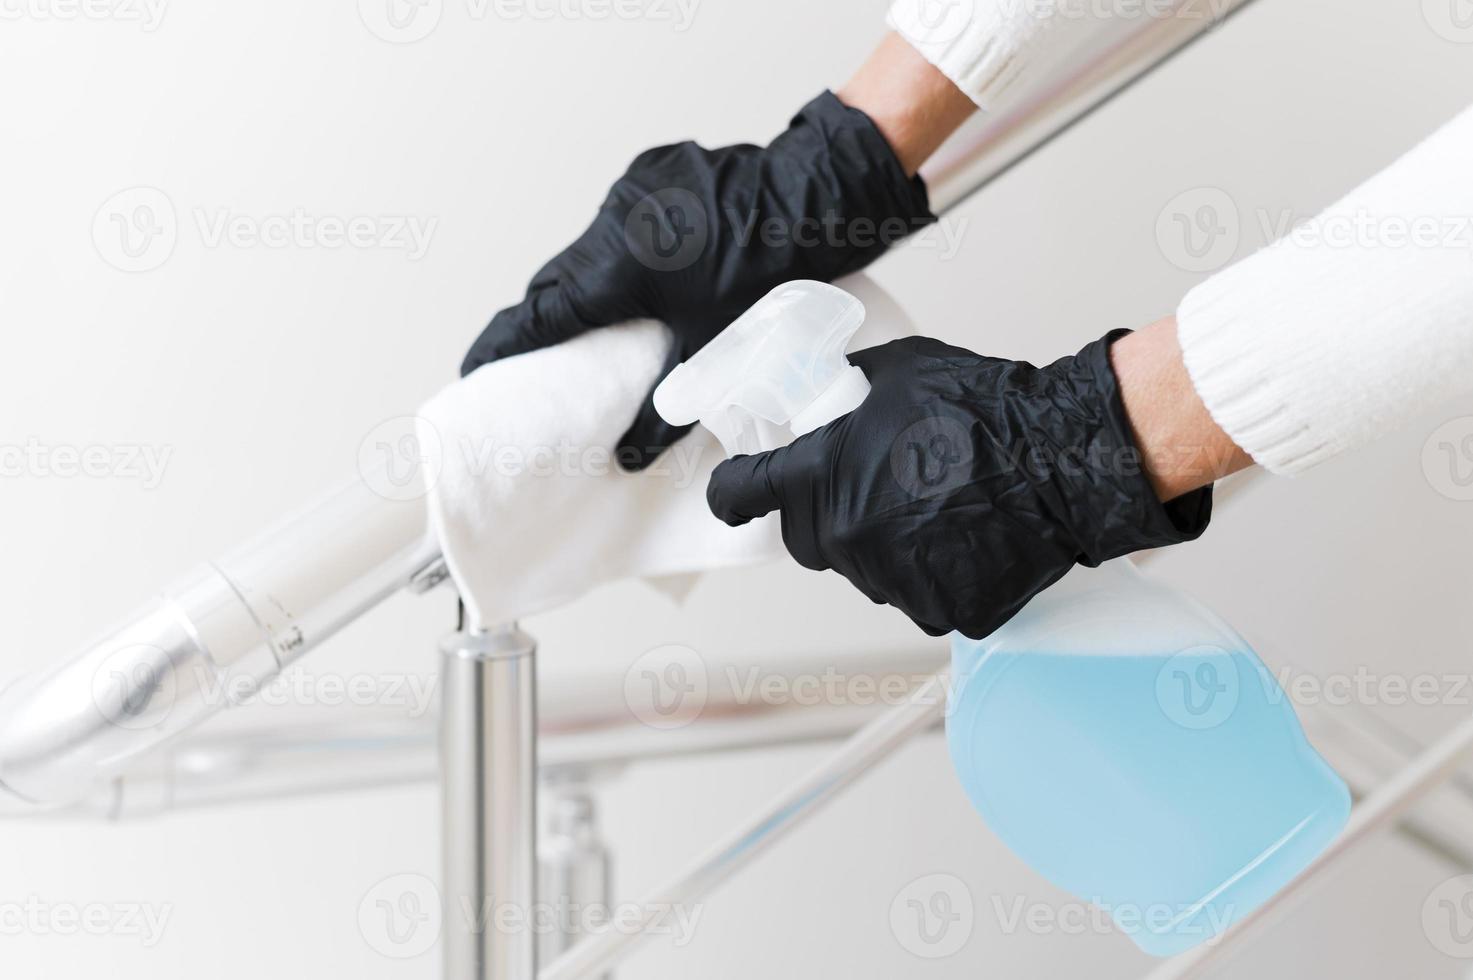 mani con guanti che disinfettano corrimano foto